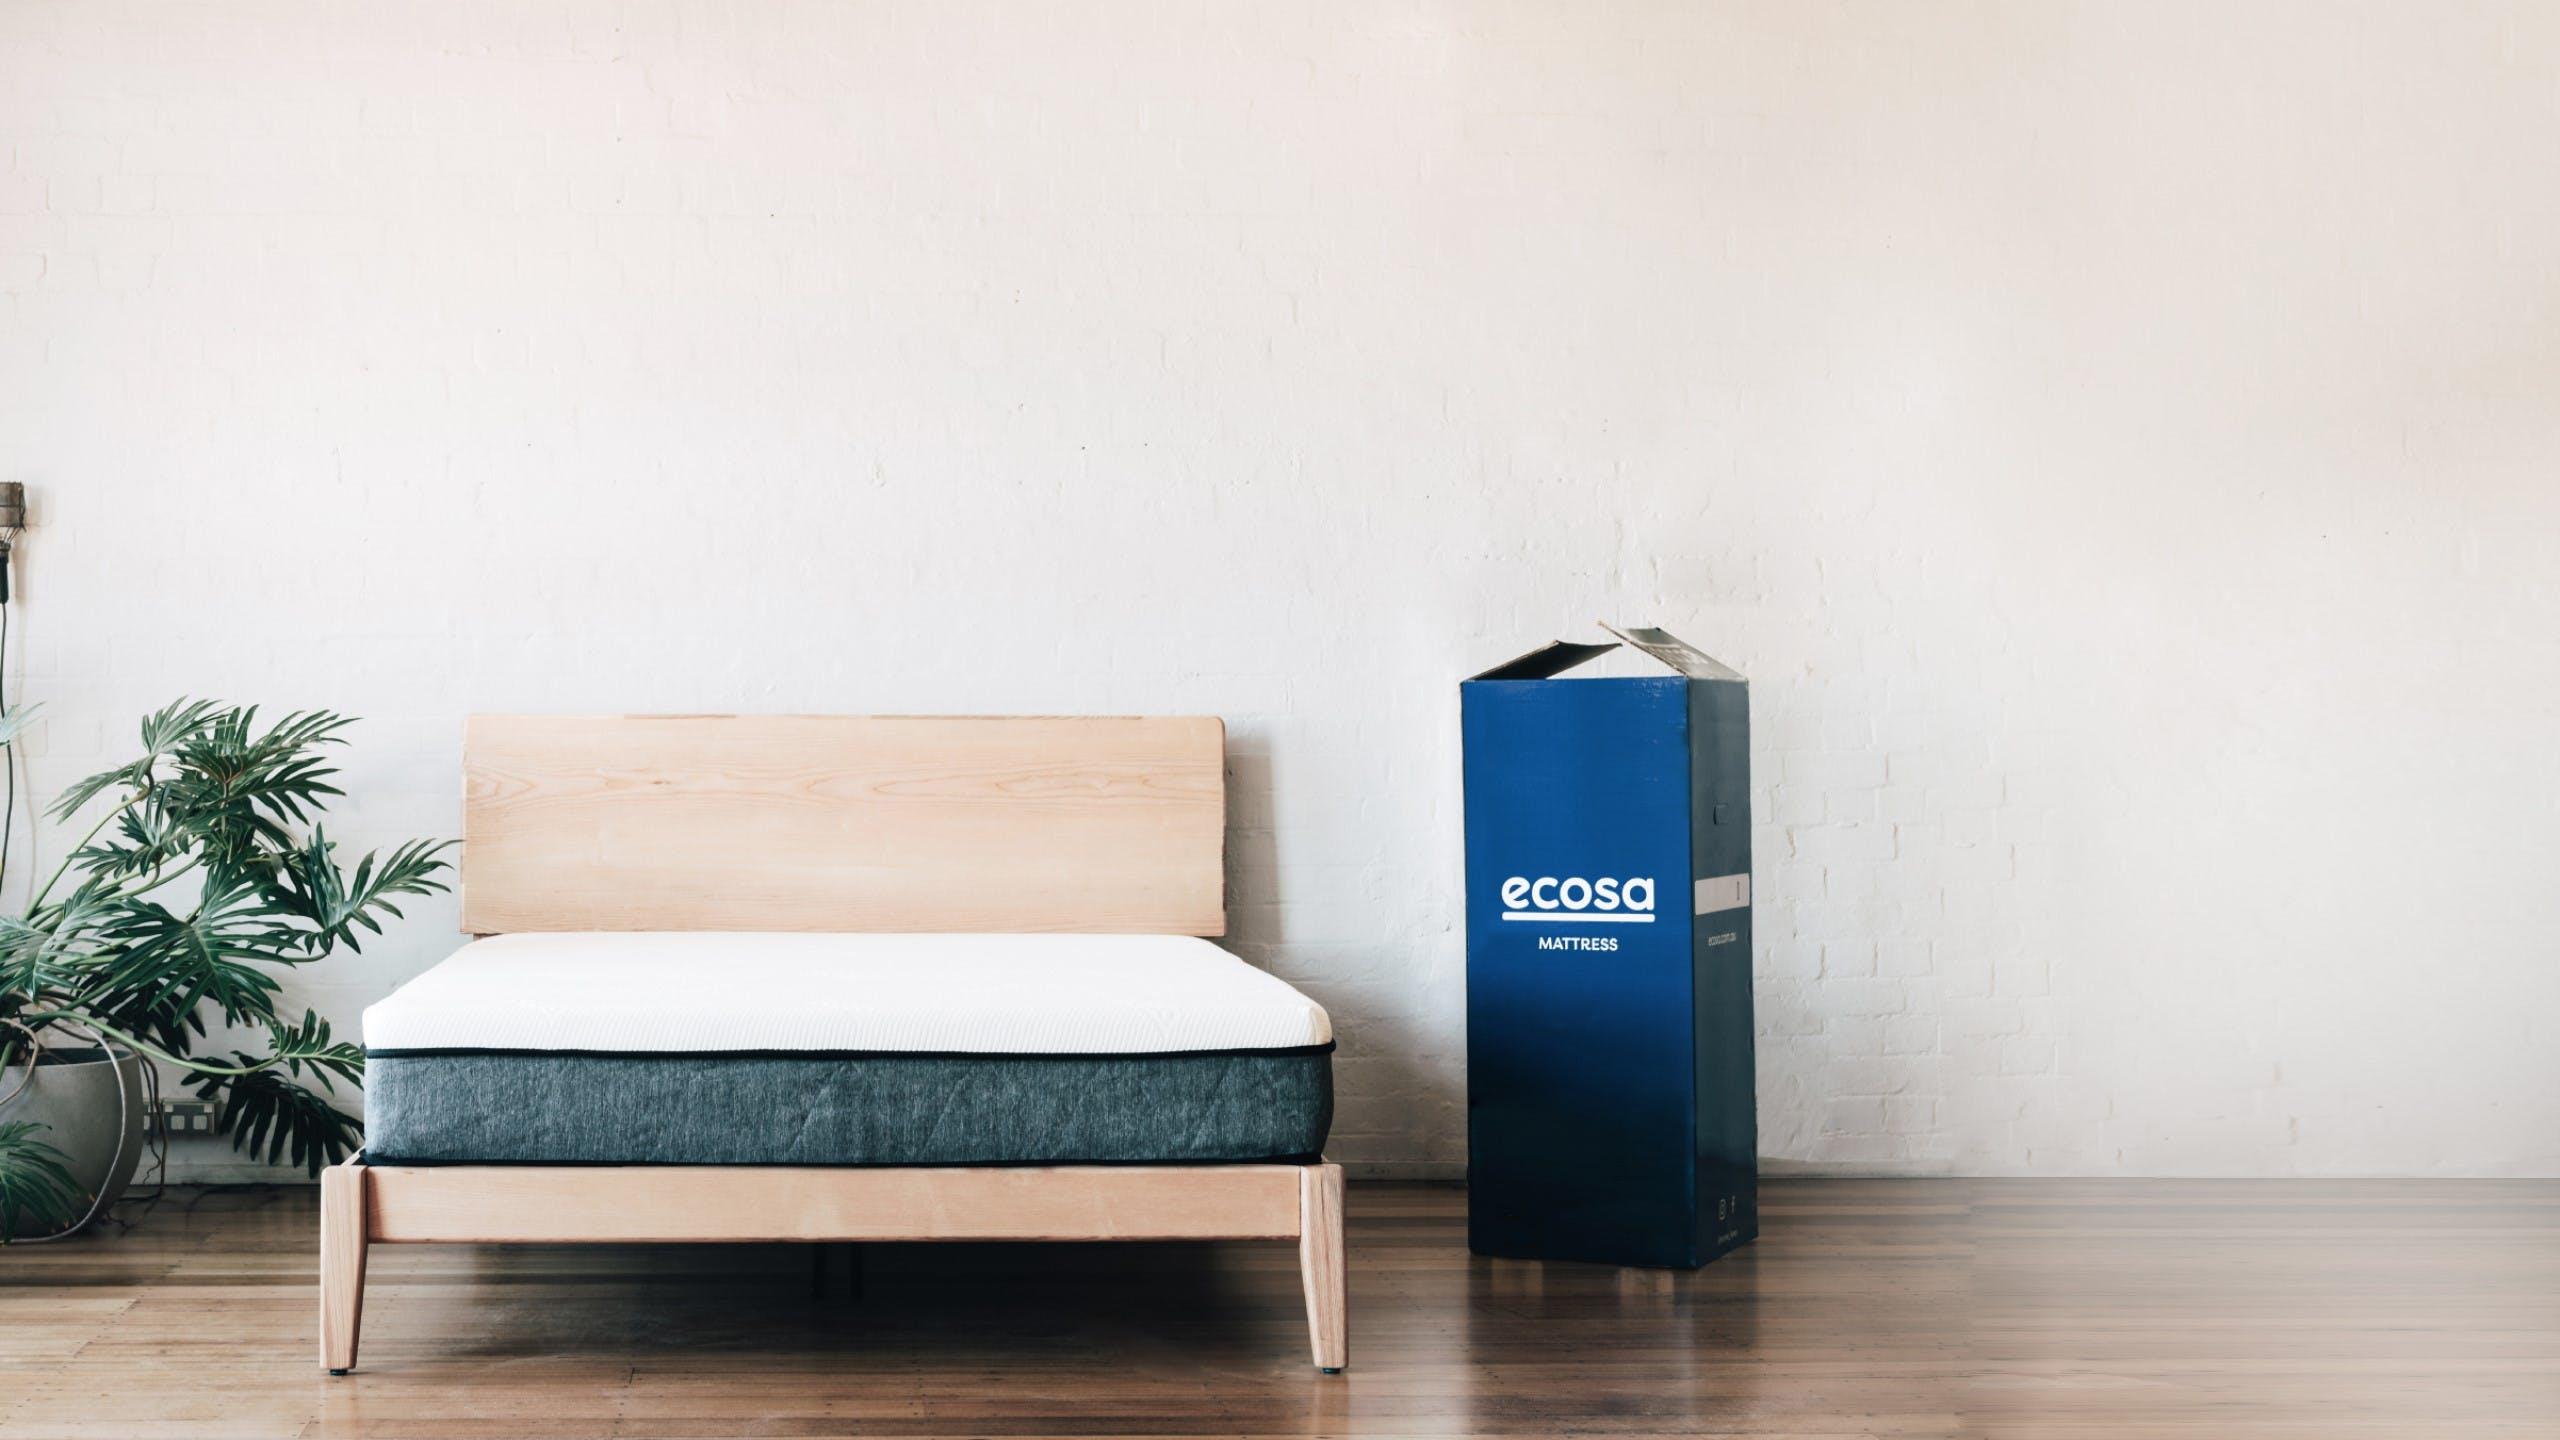 Ecosa 床褥